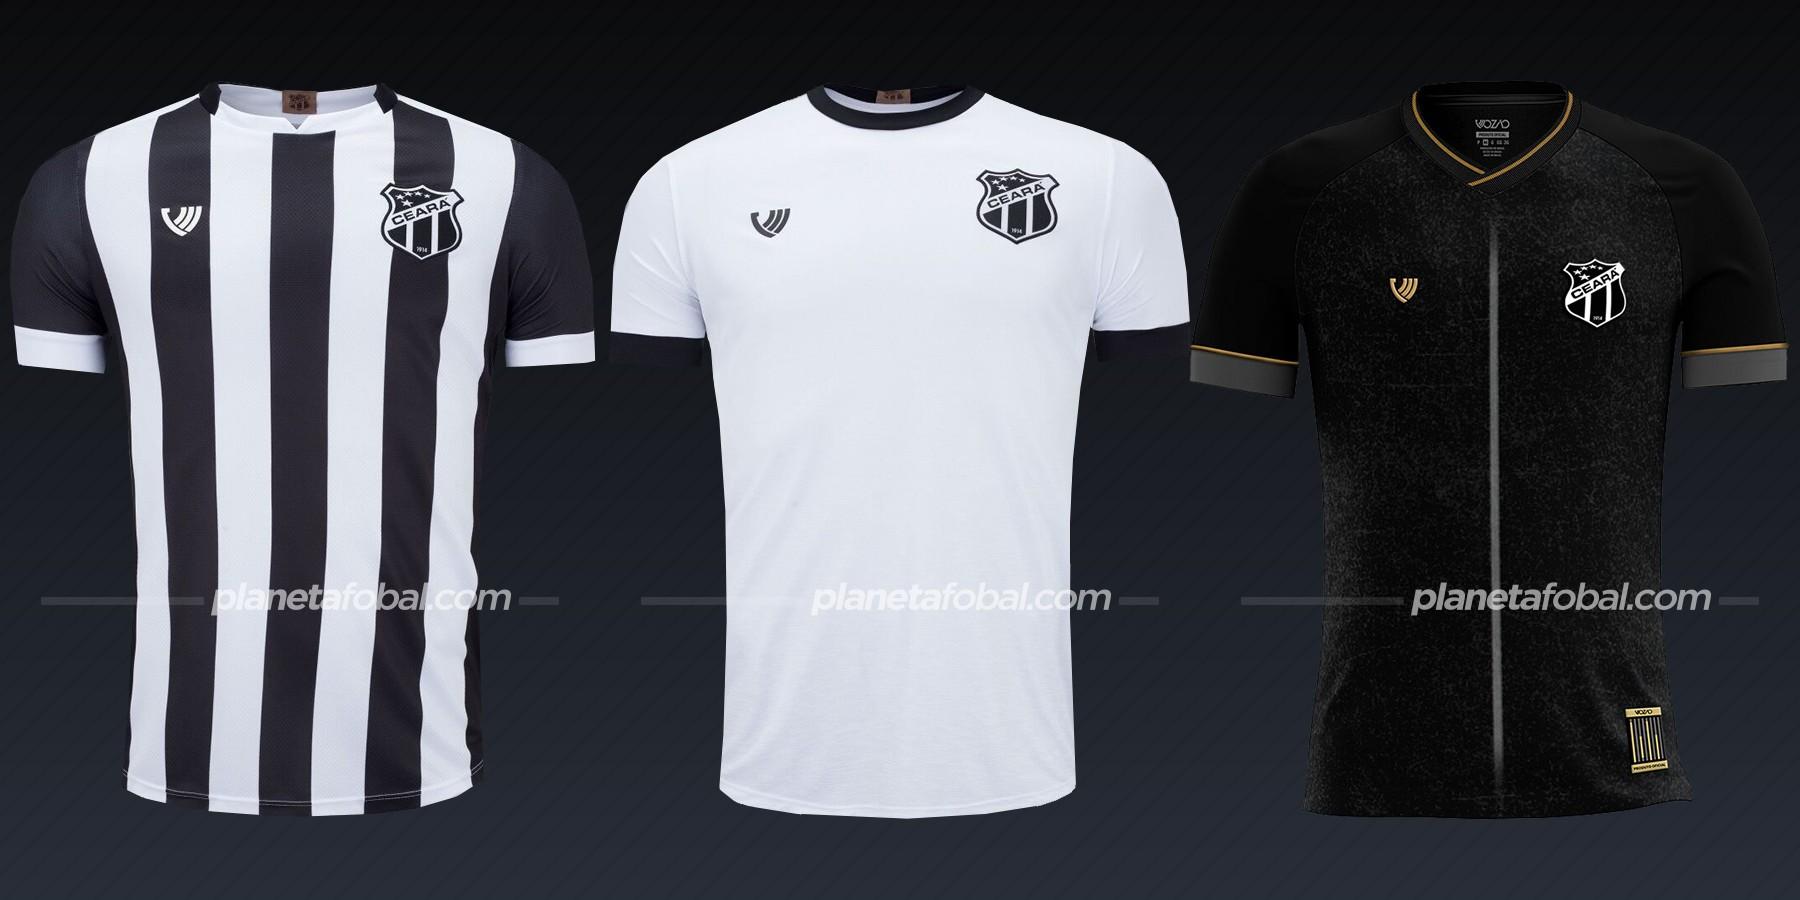 Ceará SC (Vozão) | Camisetas del Brasileirão 2020